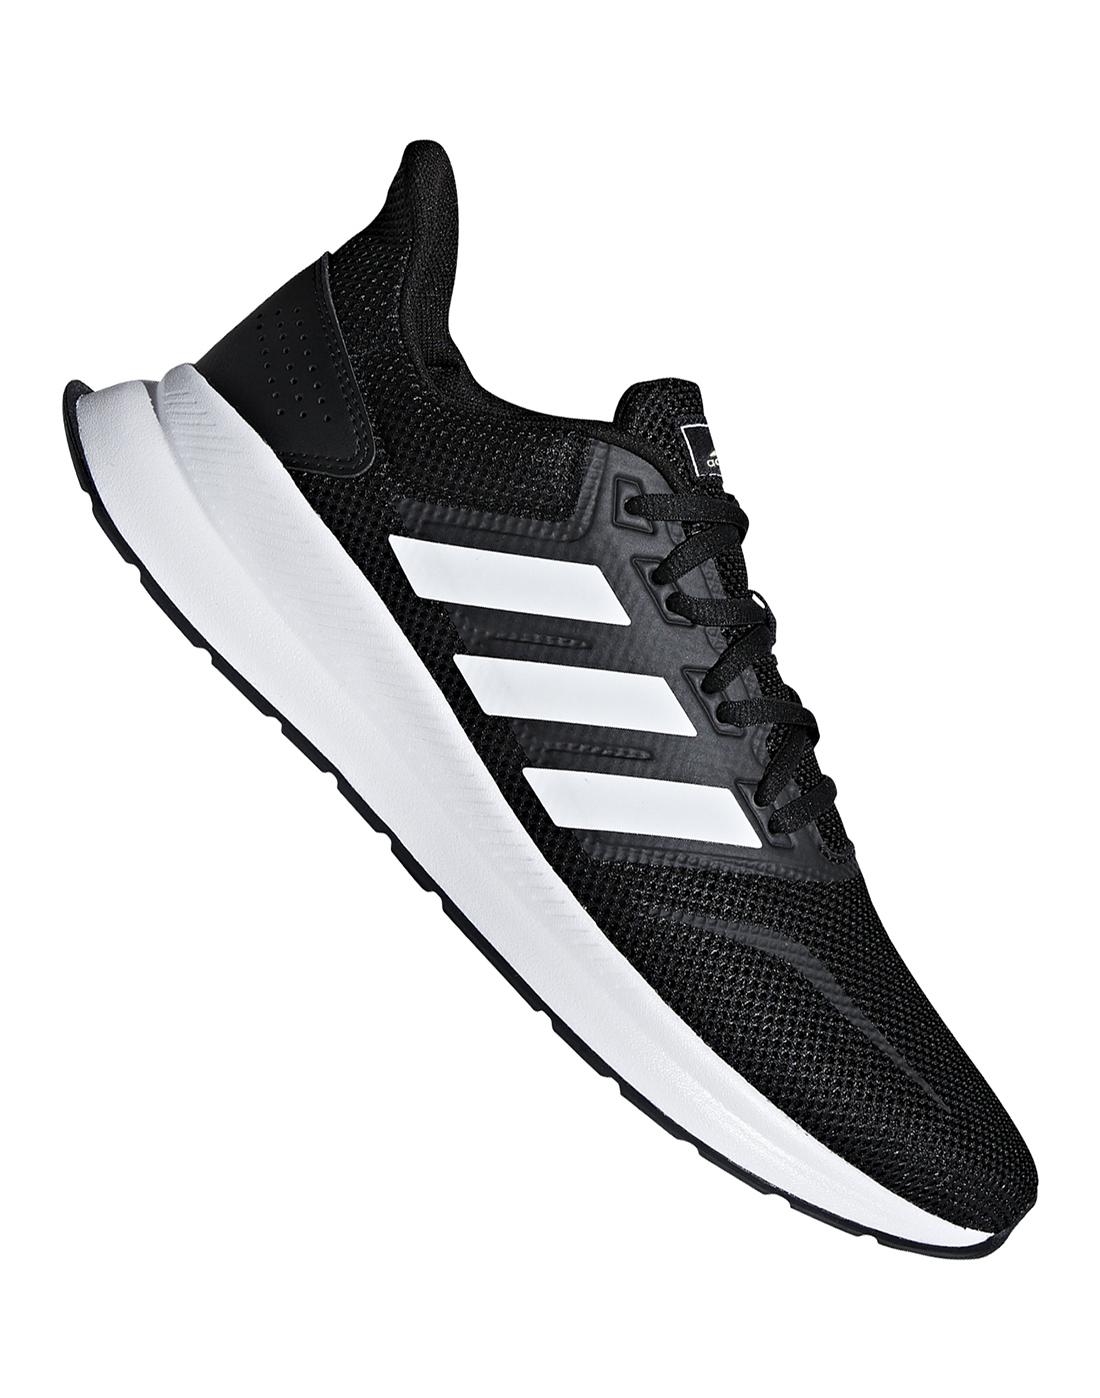 cerebro Tengo una clase de ingles Escultura  adidas Mens Run Falcon - Black | Life Style Sports IE